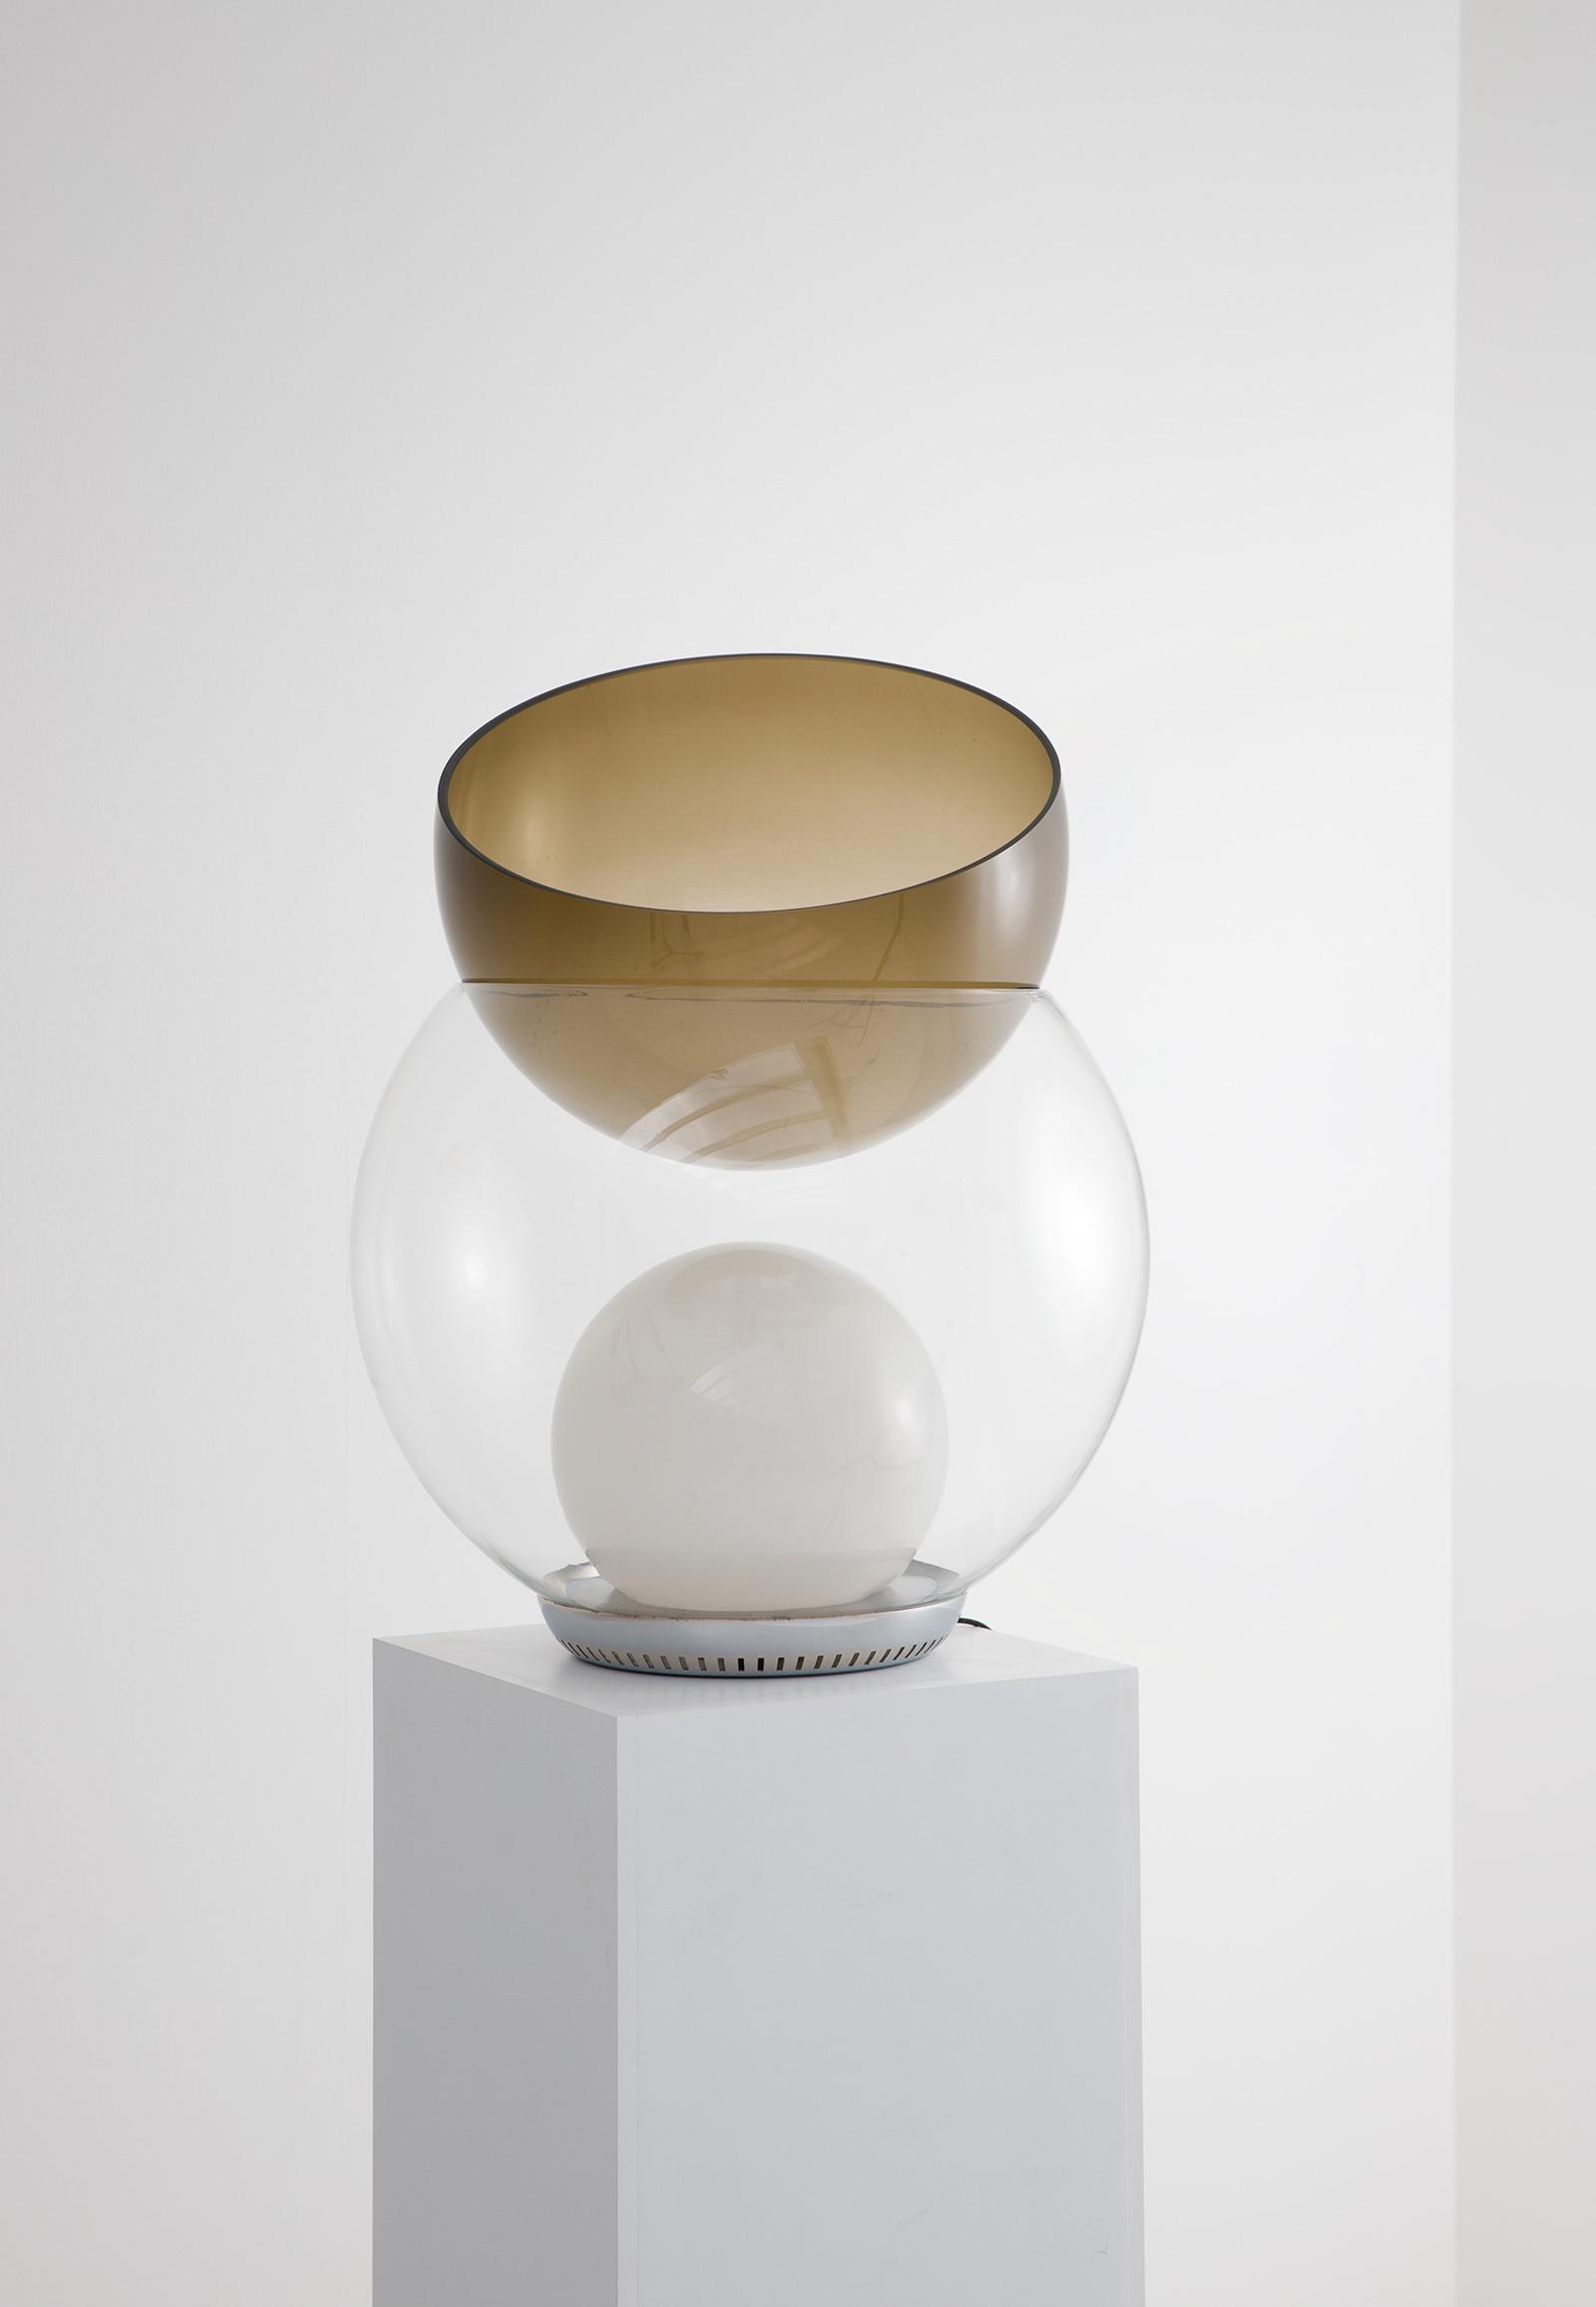 Gae Aulenti Giova Lamp for Fontana Arteimage 4